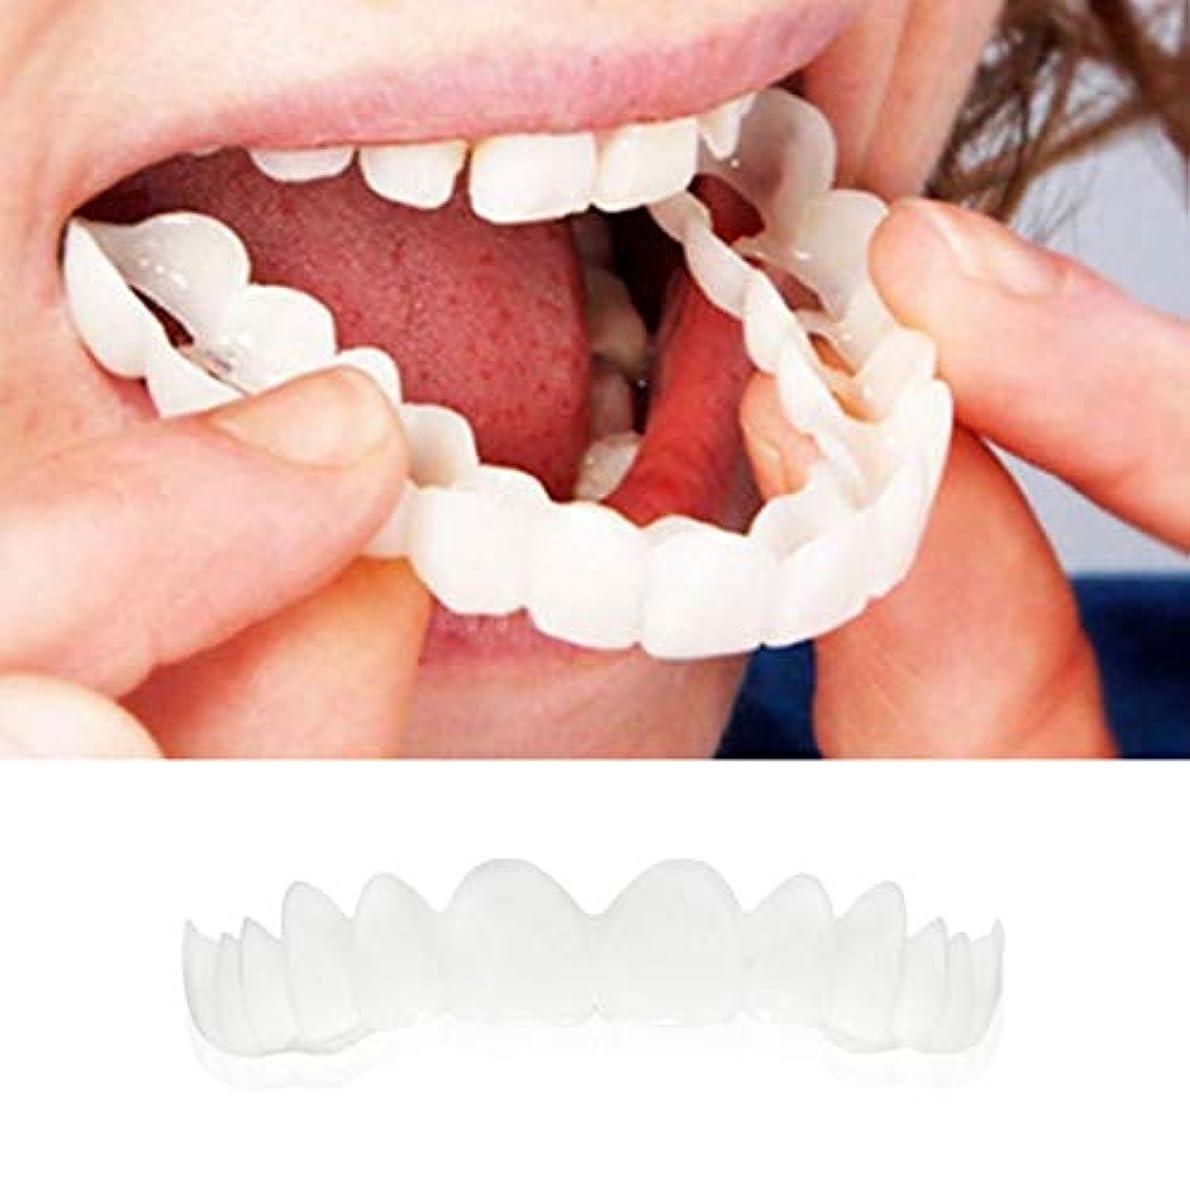 つらい以下スイス人上段 ホワイト義歯 快適な 義歯ケア 模造 義歯